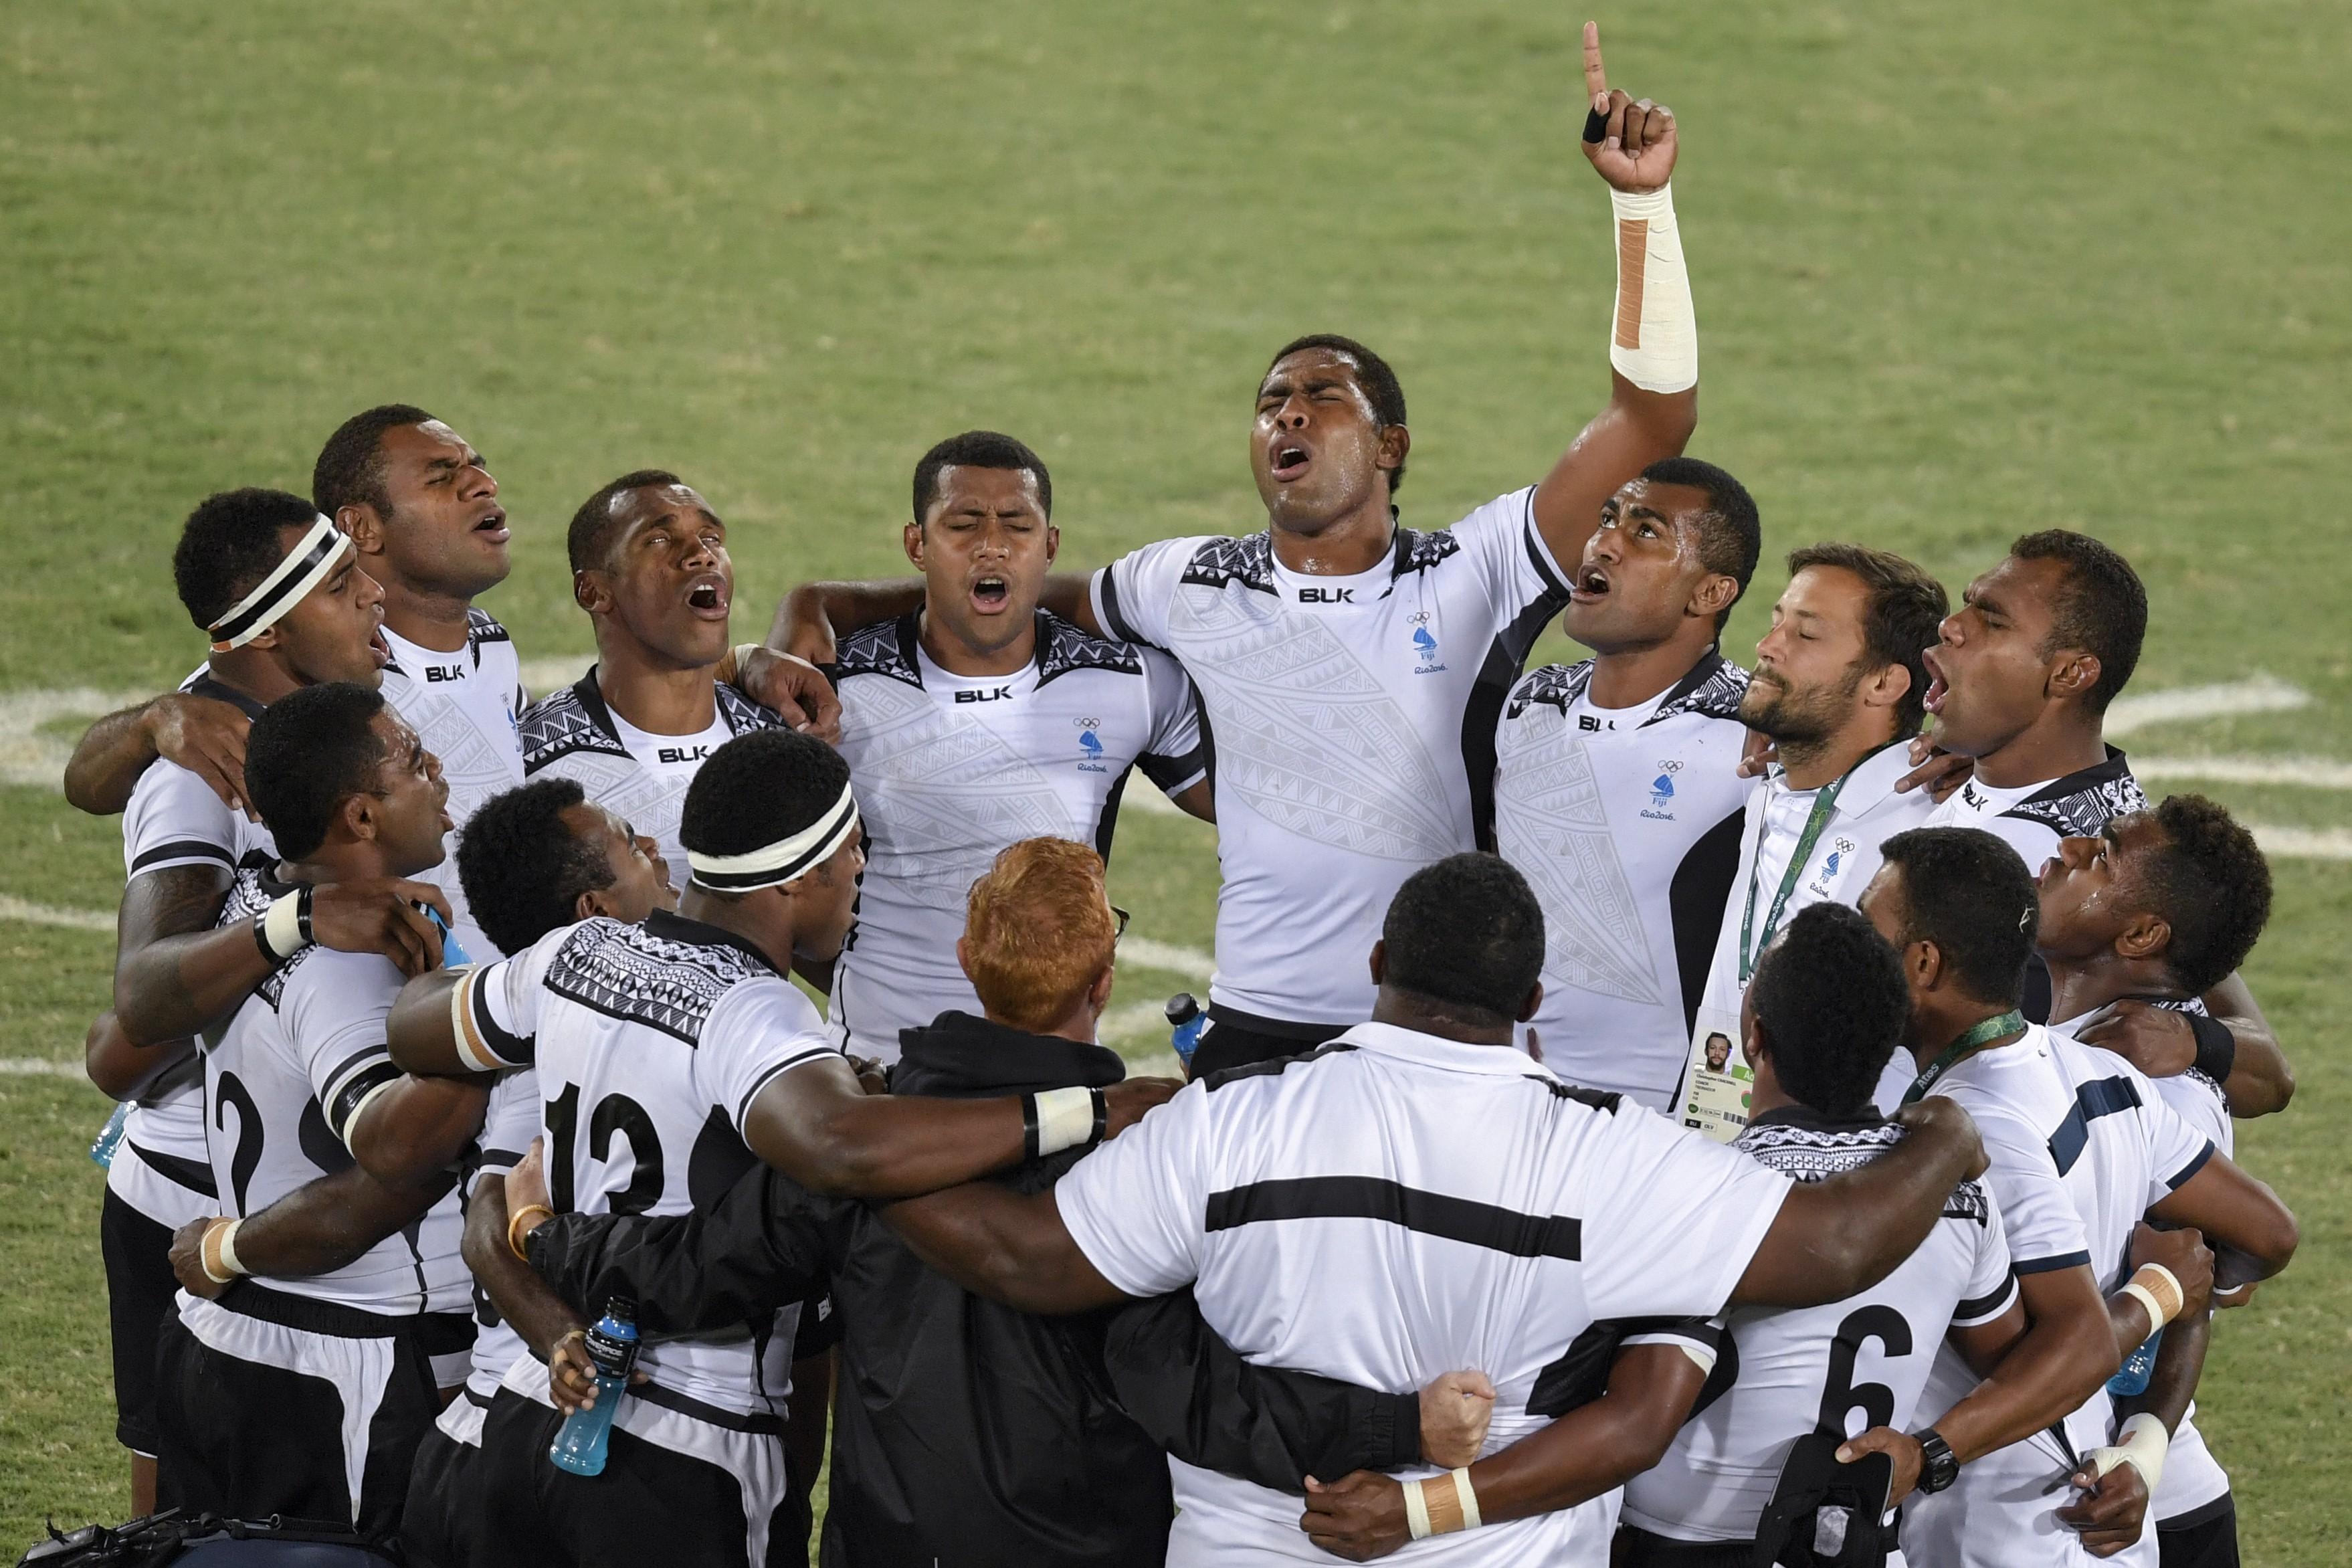 Историческое событие: Фиджи получила золото ОИ-2016